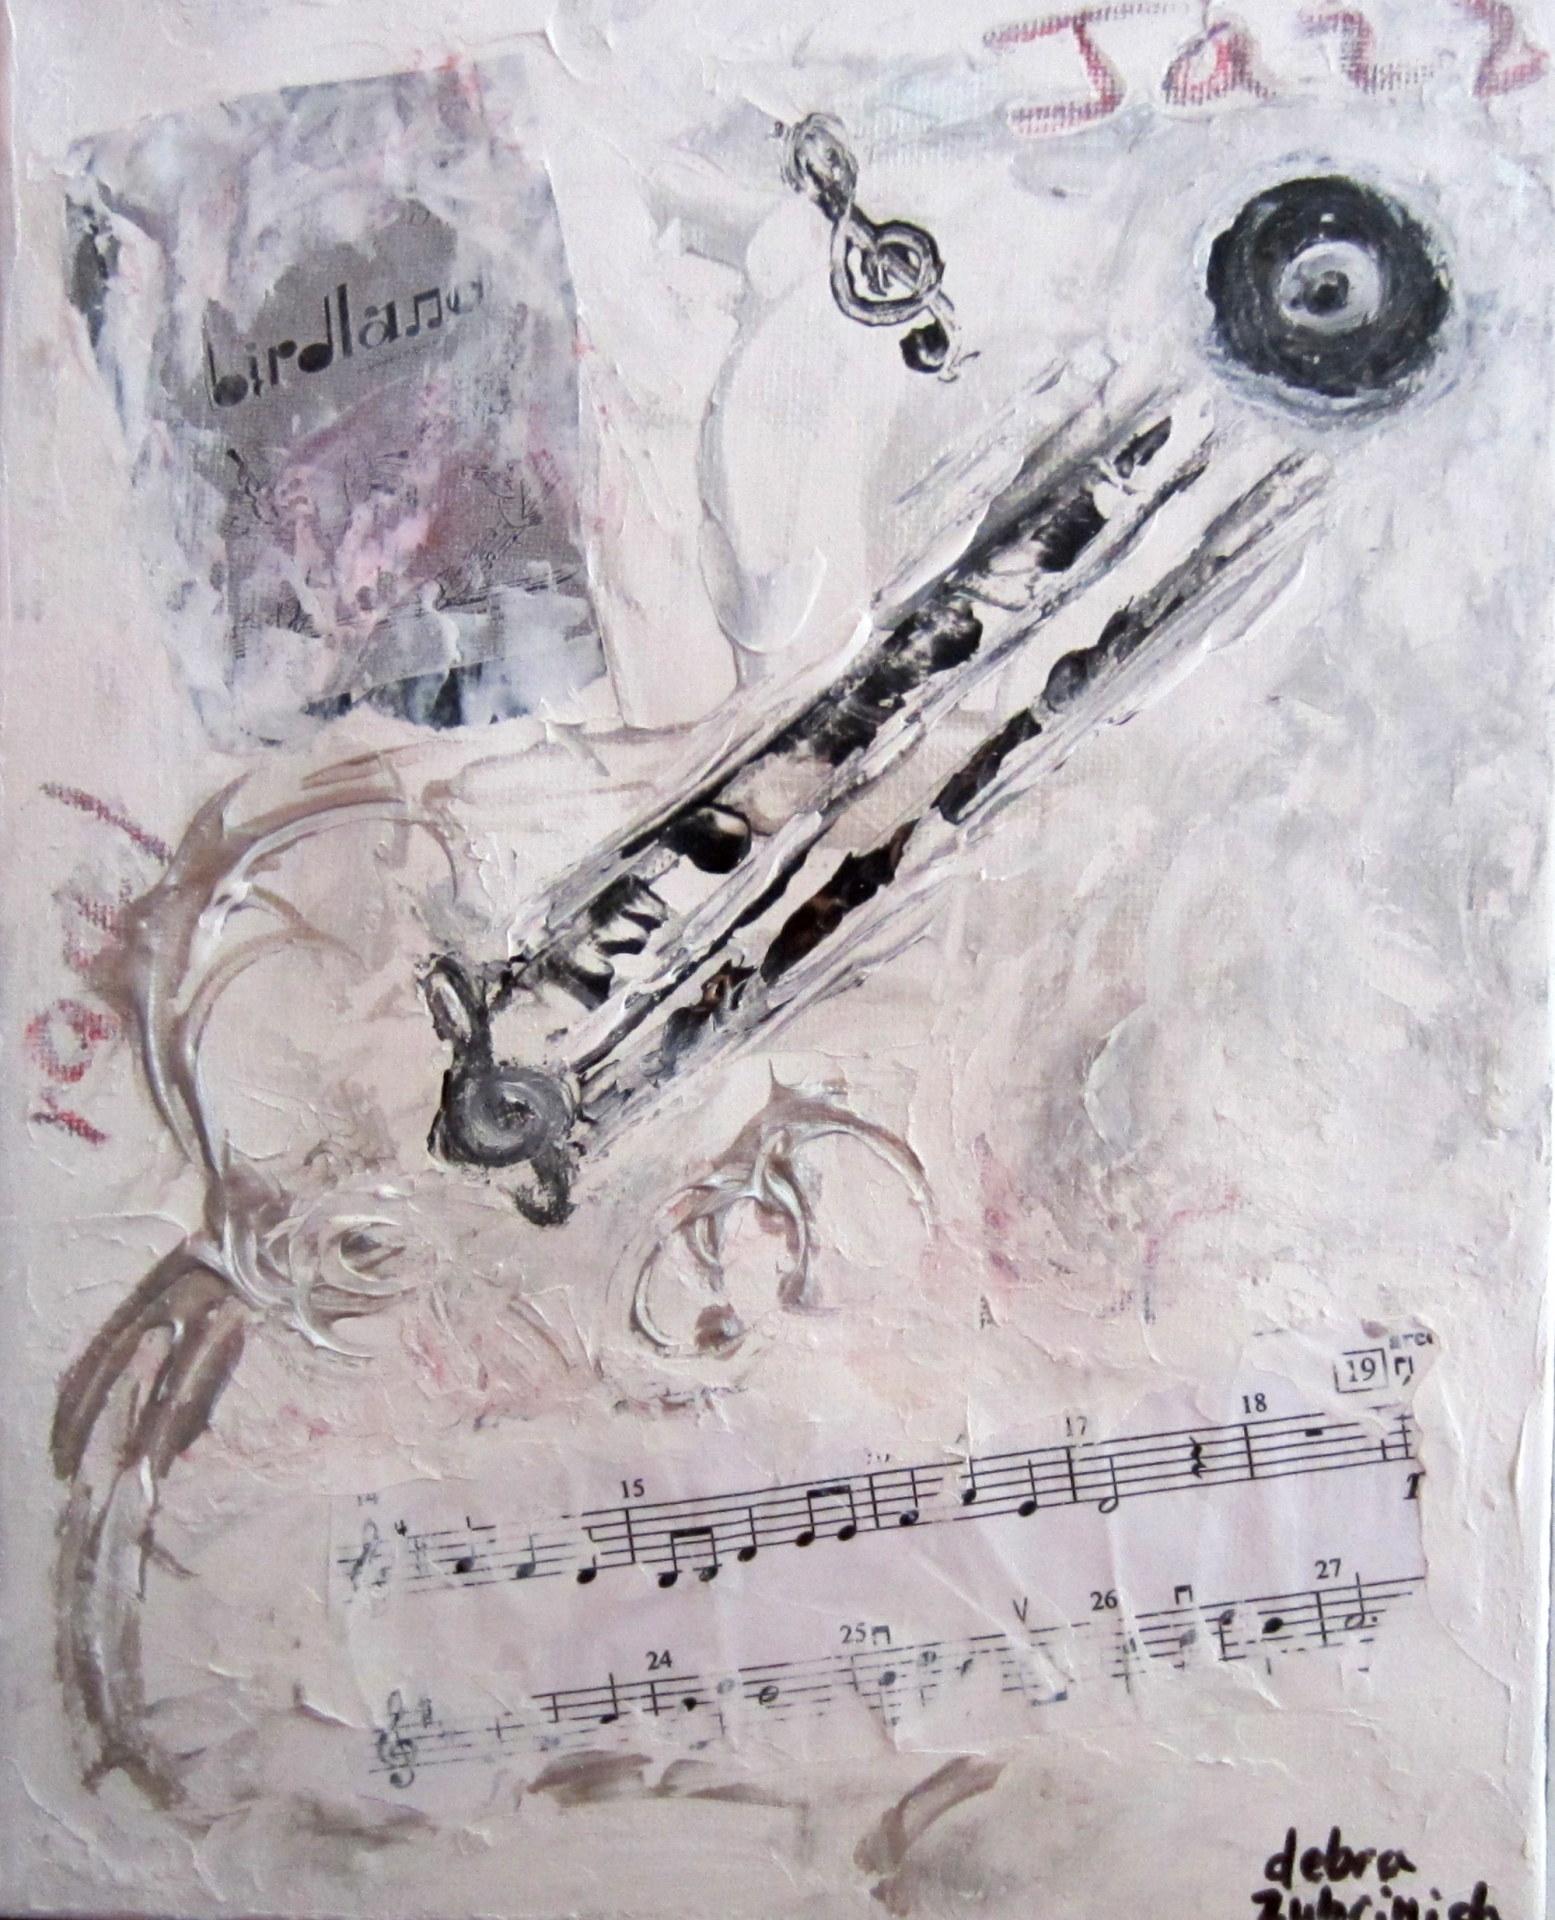 Birdland Jazz,